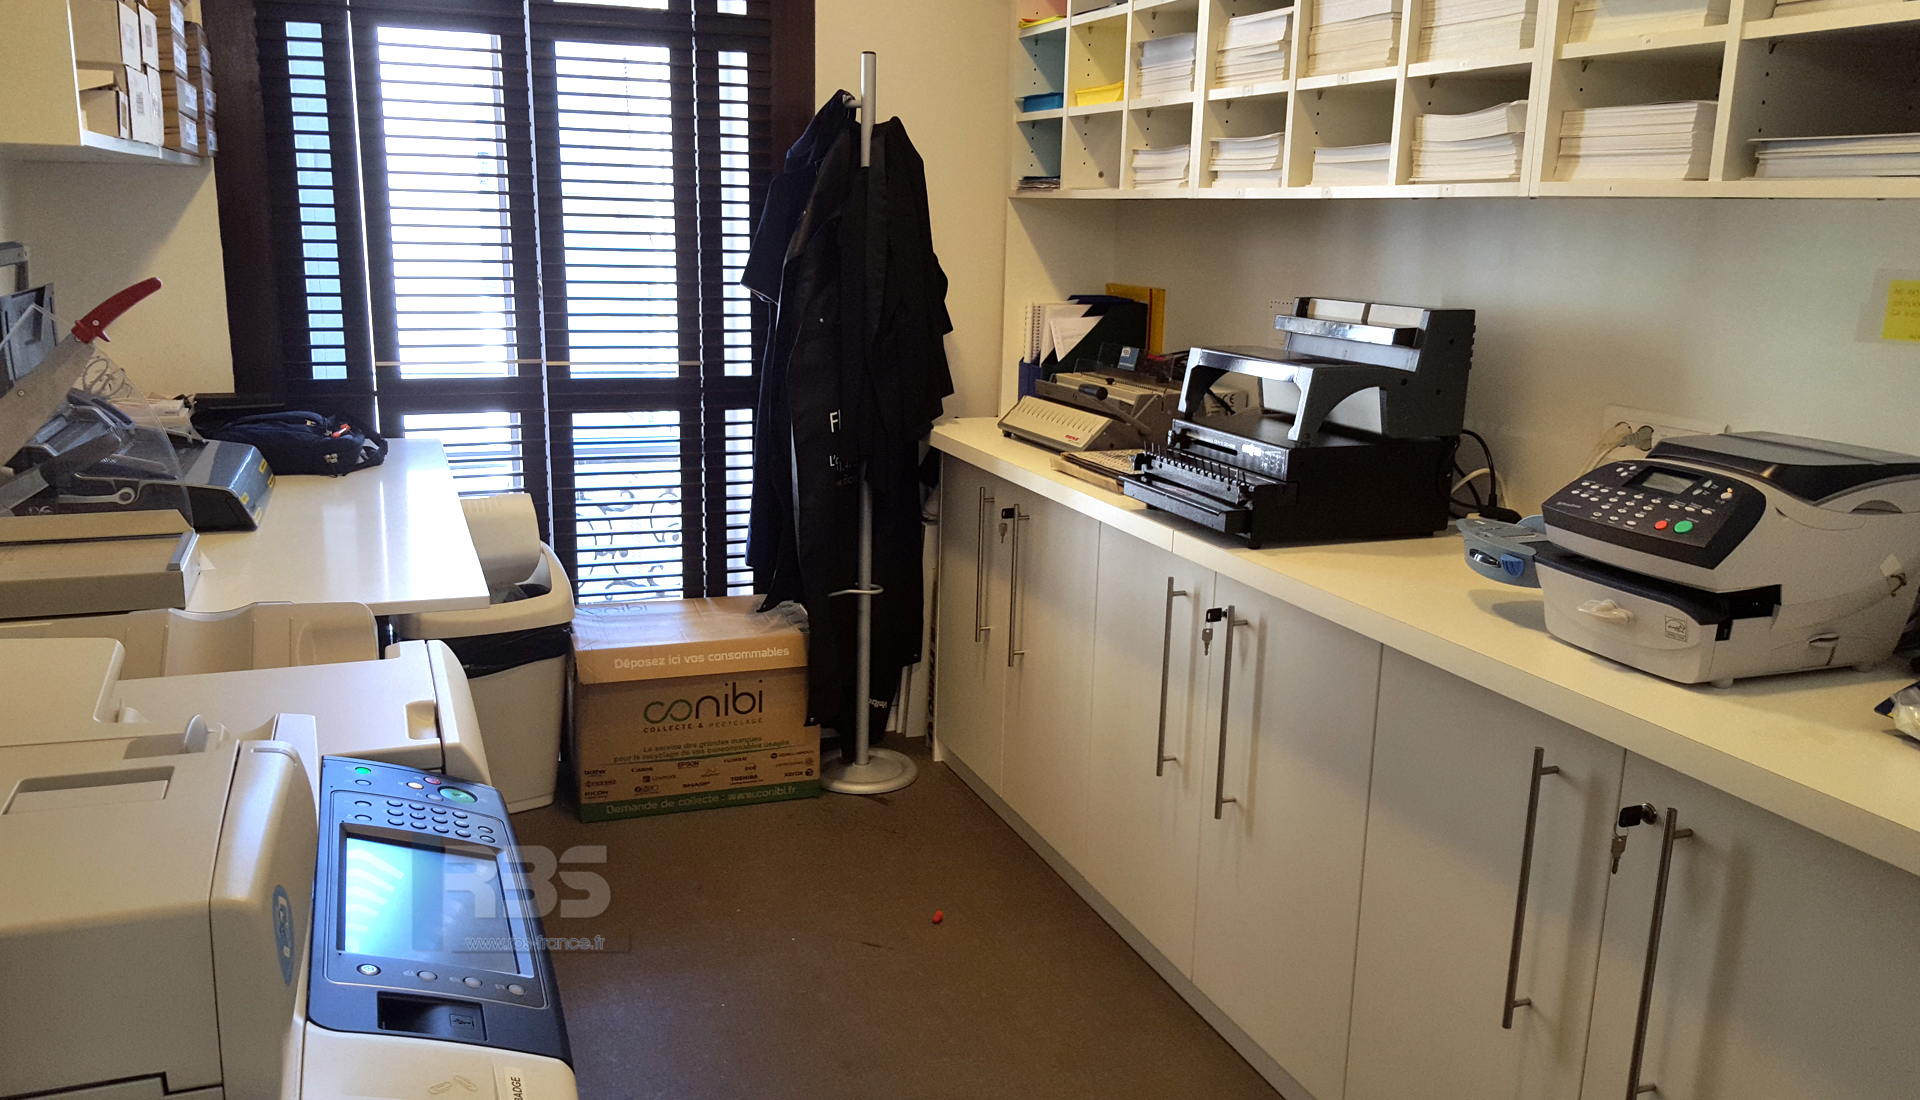 Relier Vos Documents Par Anneaux Metalliques Avec Onyx Od4012 Et Reliure Wbs 2600 En Salle Courrier